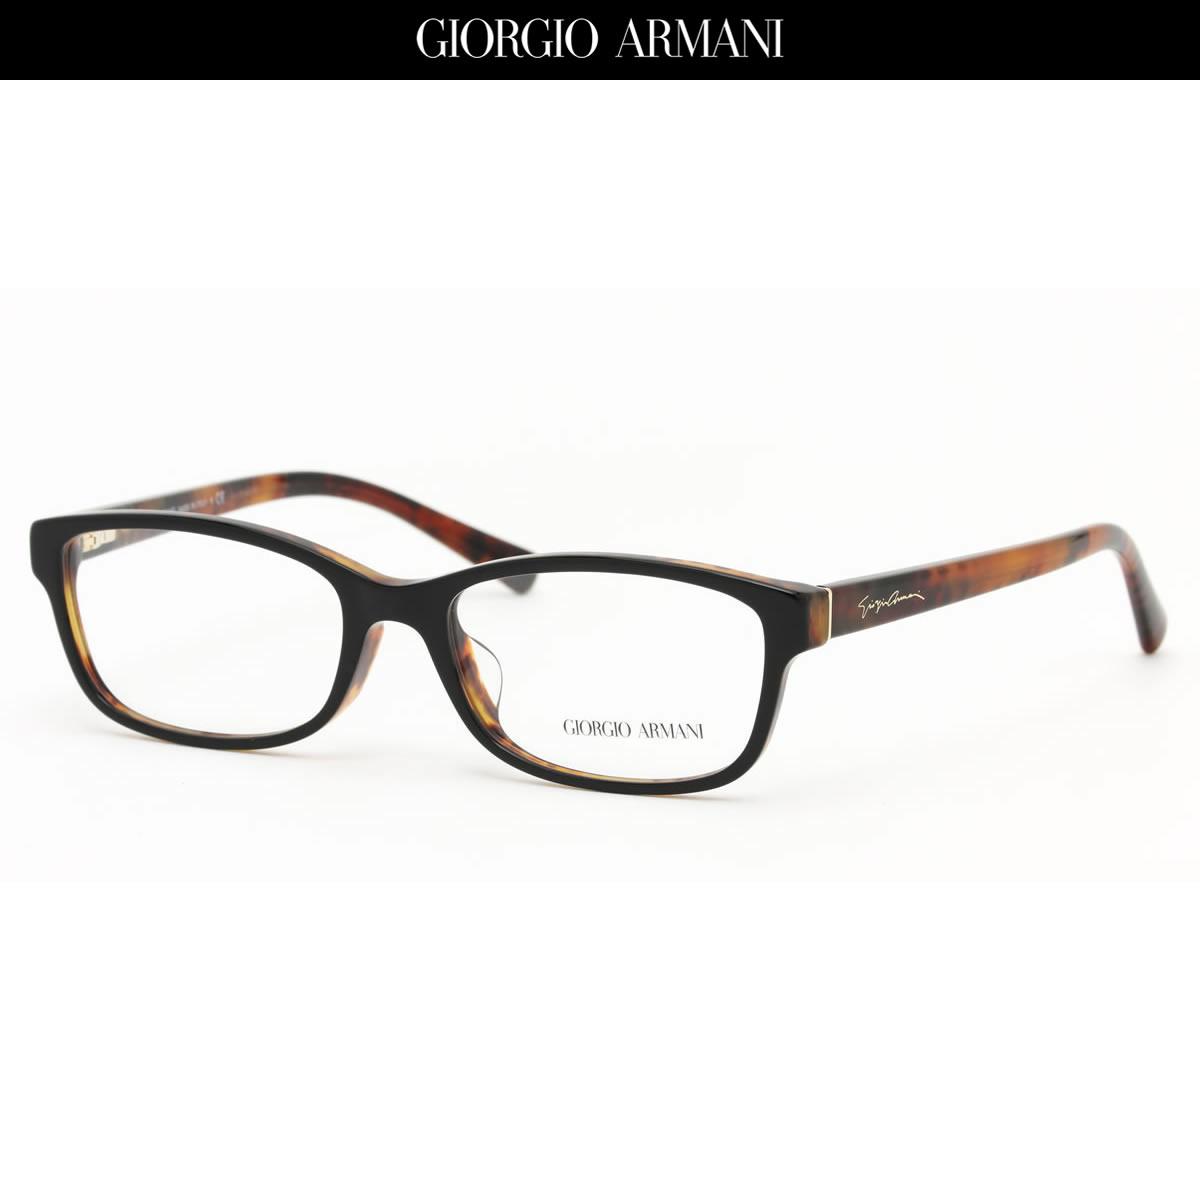 アルマーニ メガネ ジョルジオアルマーニ AR7062F 5049 54サイズ GIORGIO ARMANI バネ蝶番 バネ丁番fgb7y6